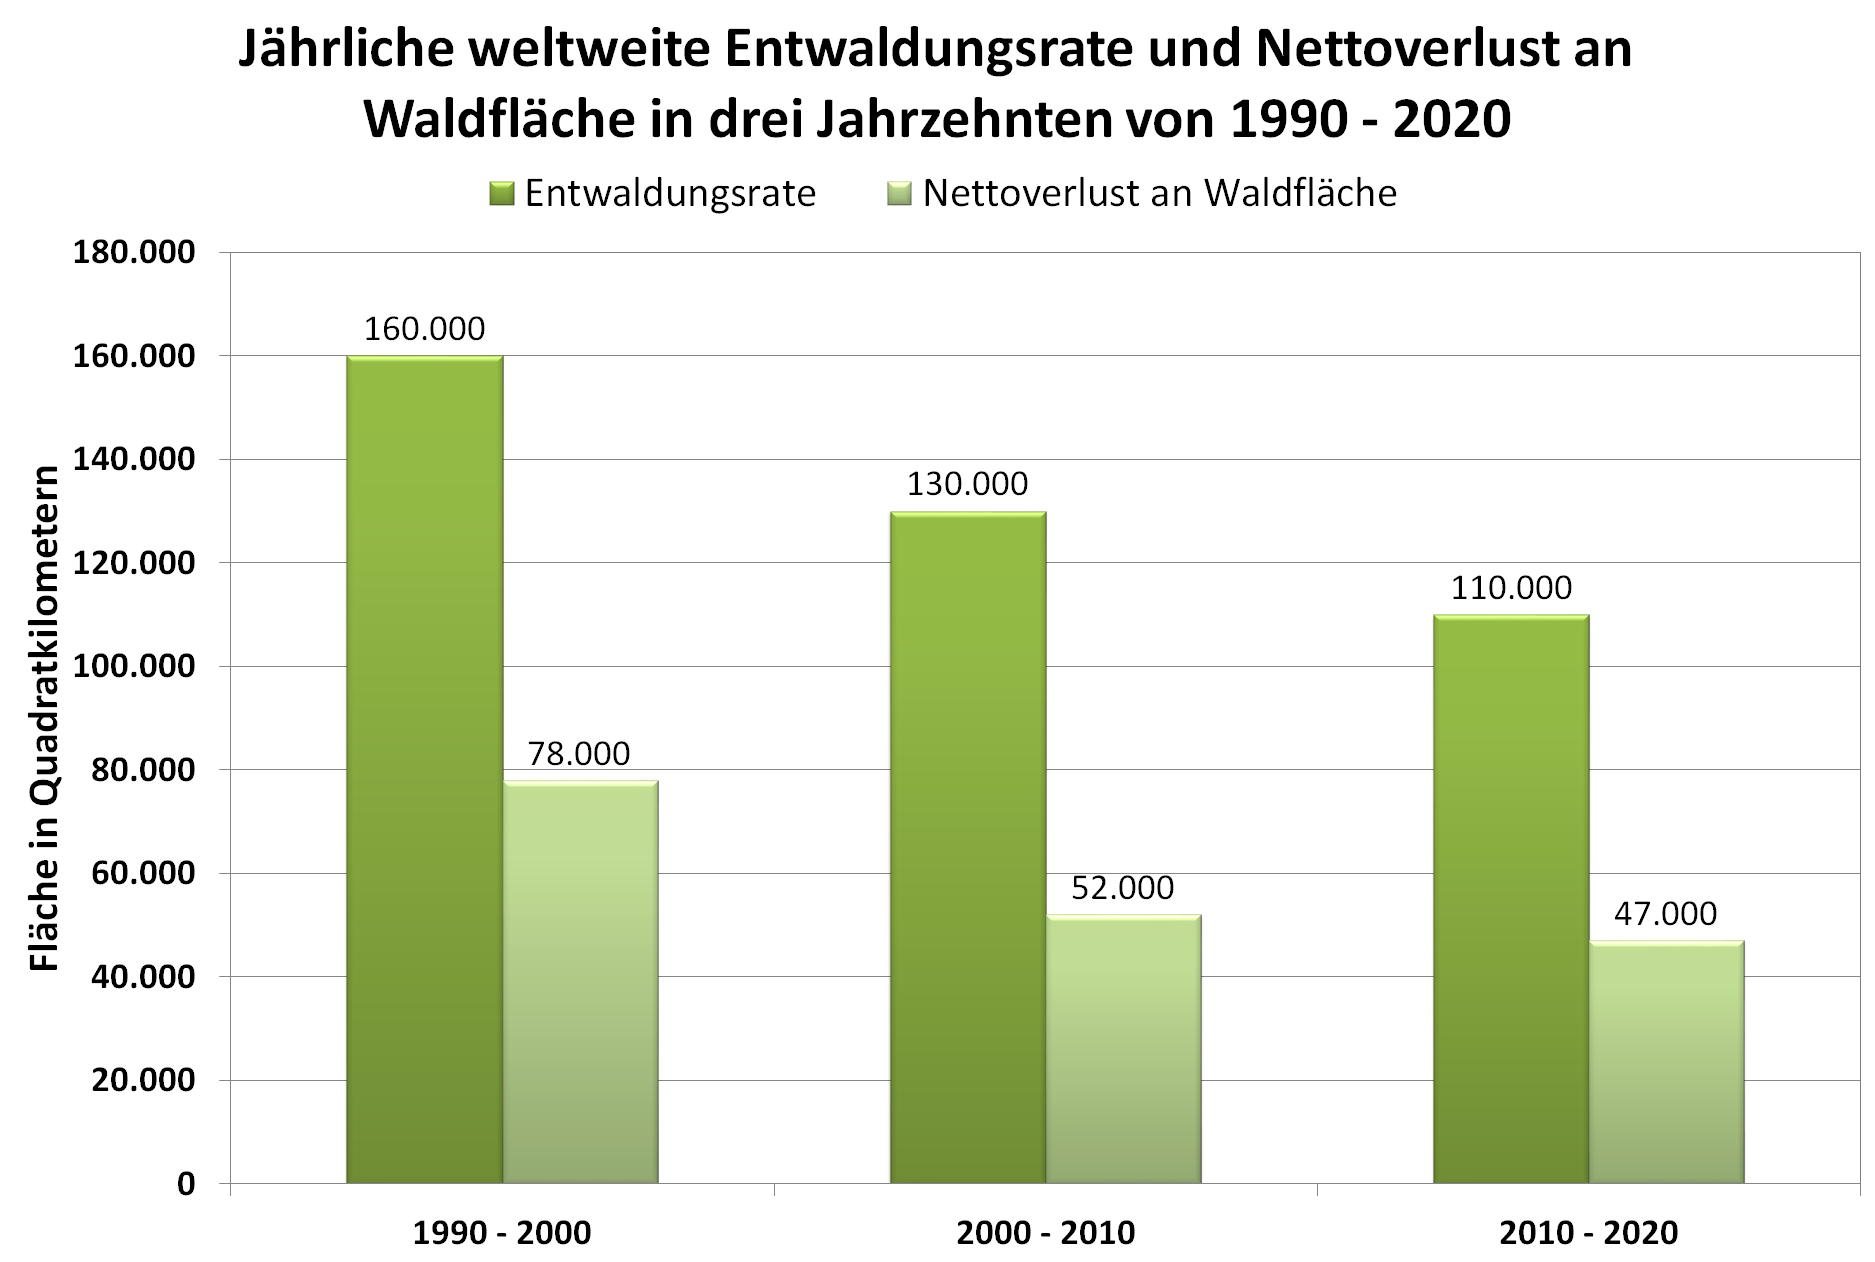 Grafik: Entwaldungsrate und Nettoverlust an Waldfläche in drei Jahrzehnten von 1990 bis 2020